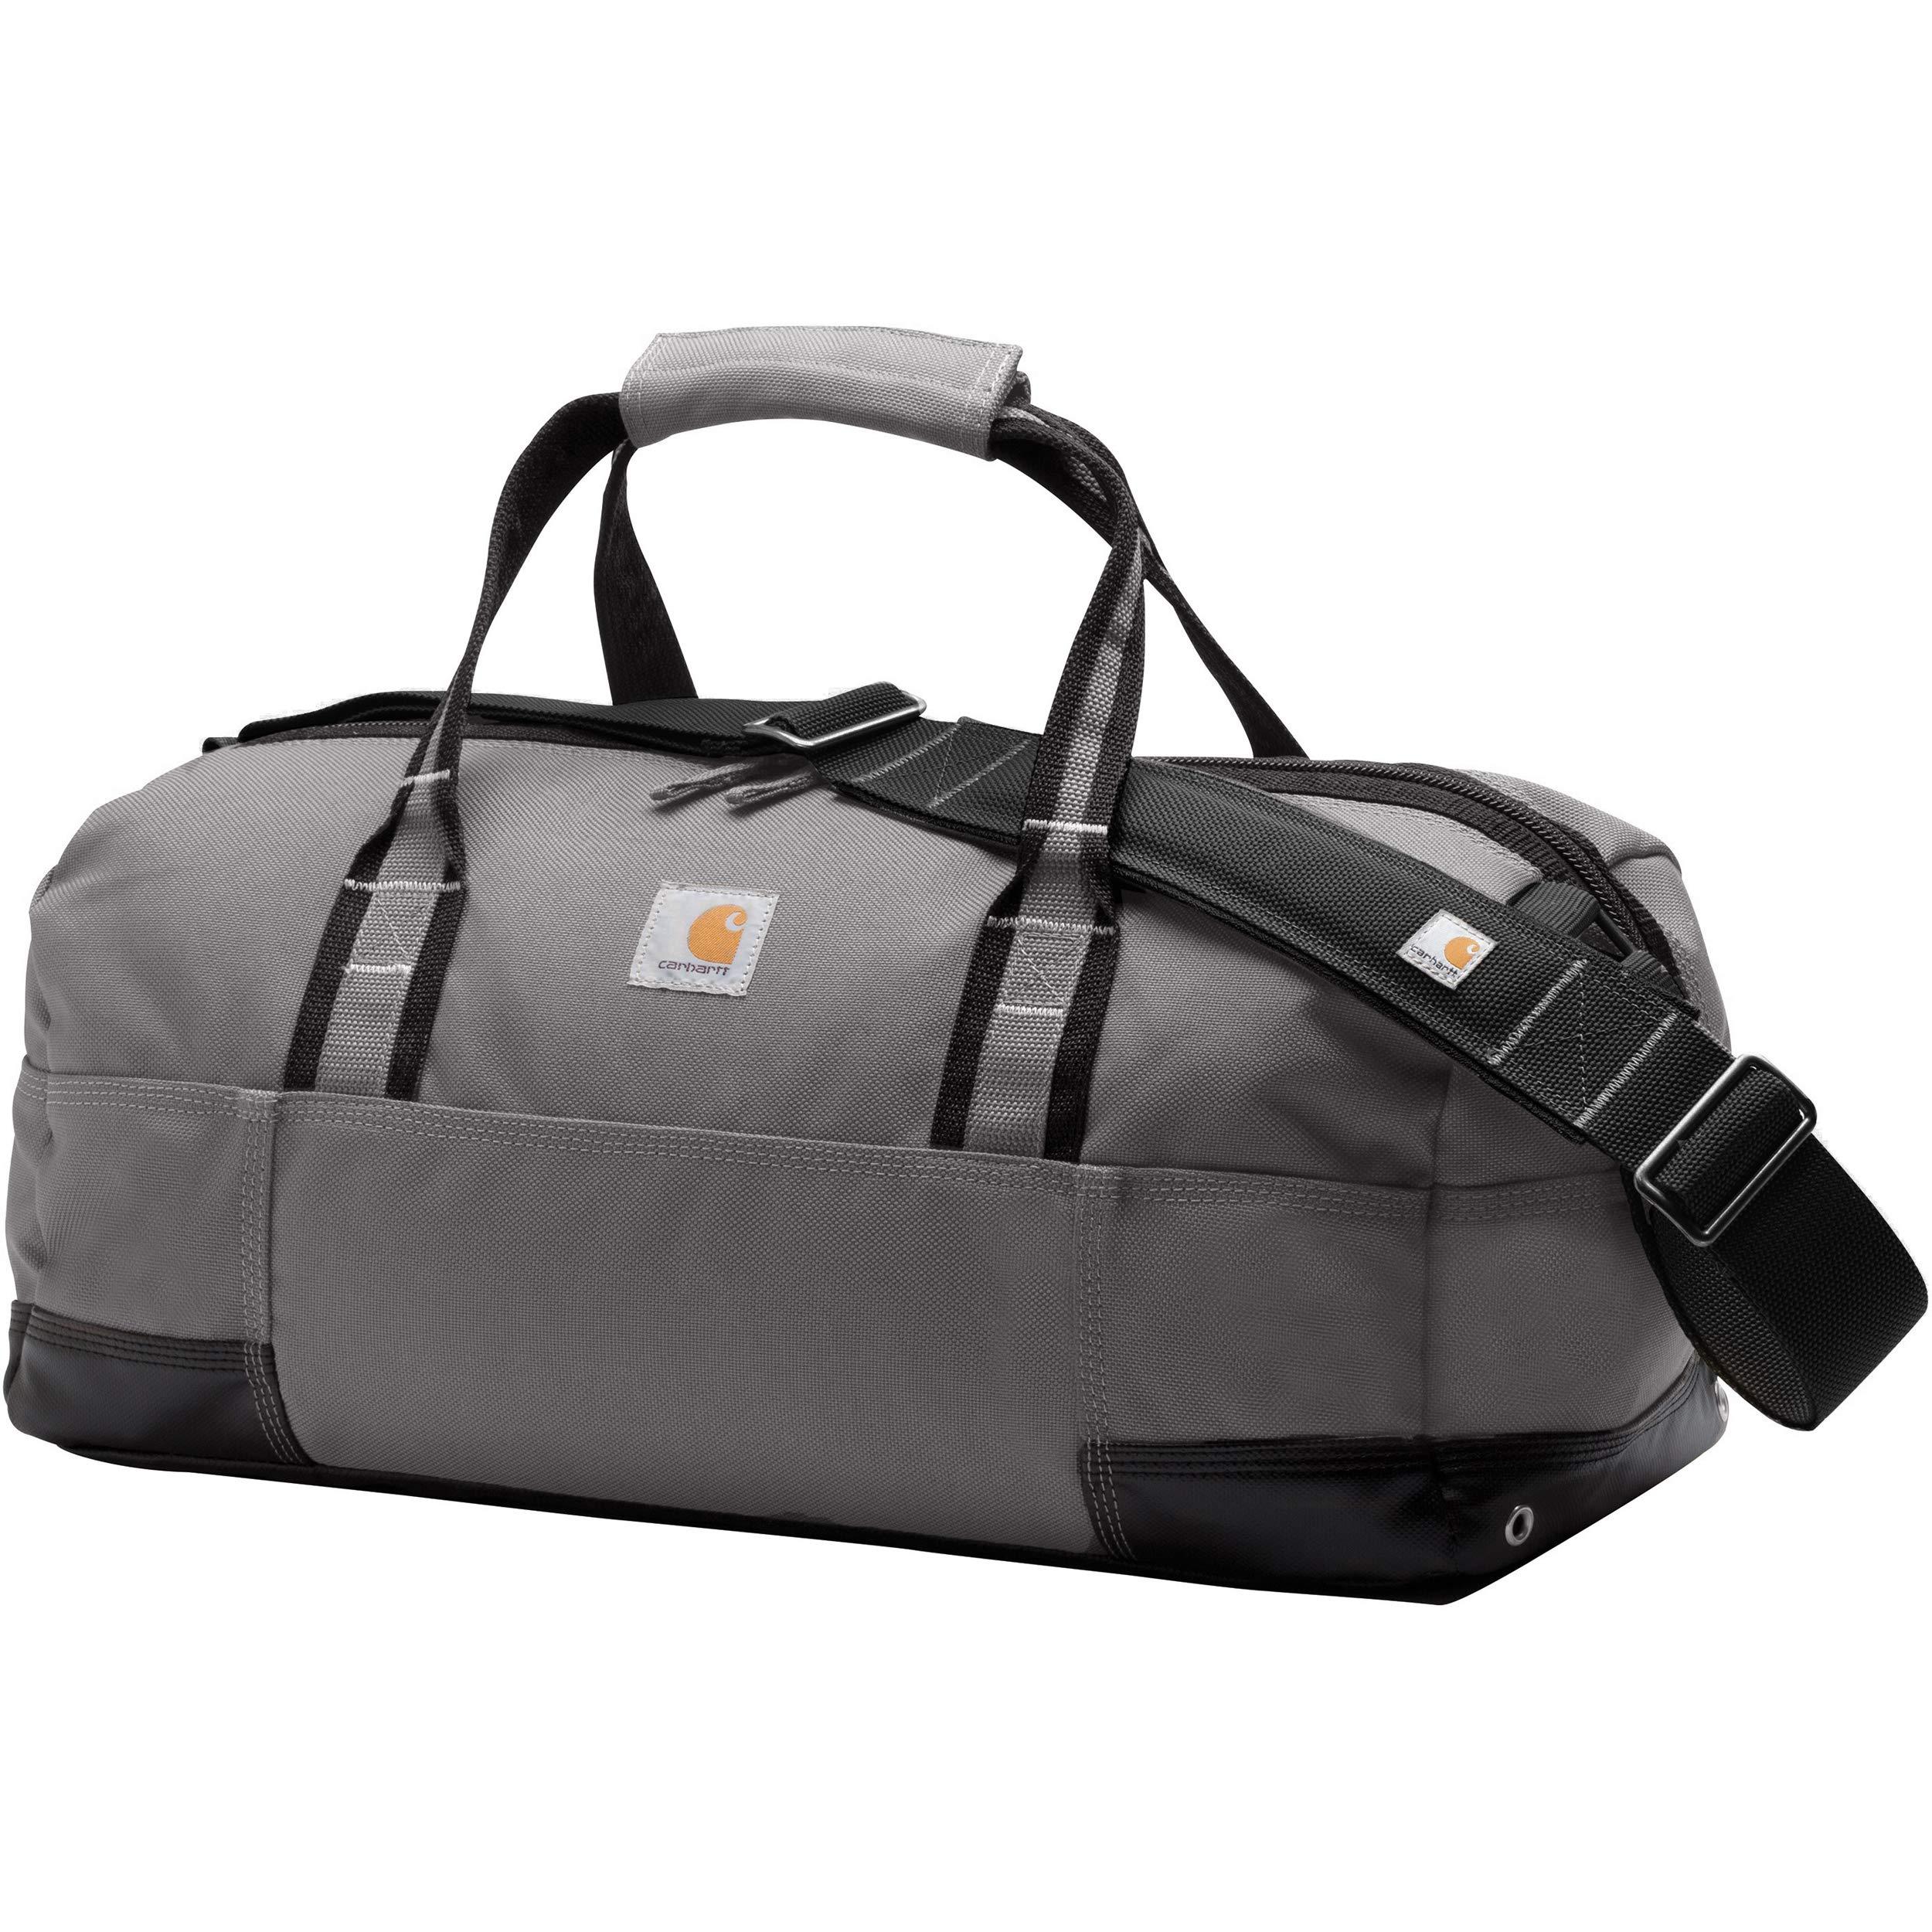 Carhartt Legacy Gear Bag, 20-Inch, Grey